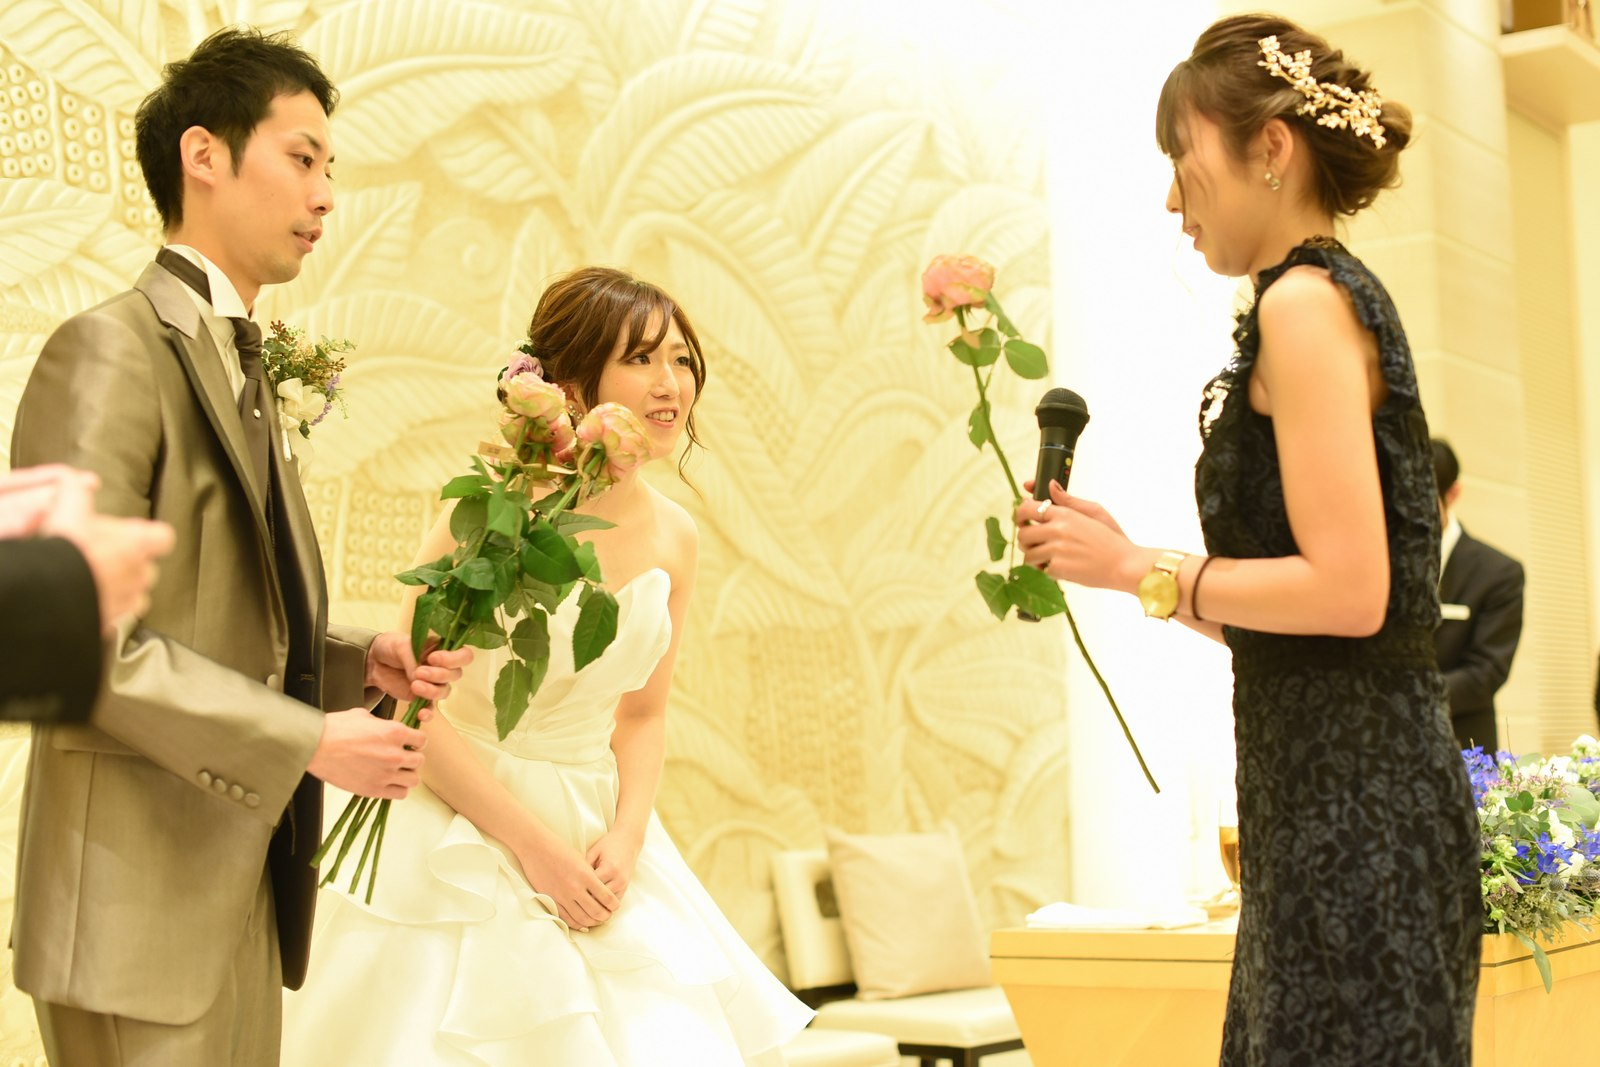 高松市の結婚式場アイルバレクラブでゲストから花を受け取り花束を作る演出